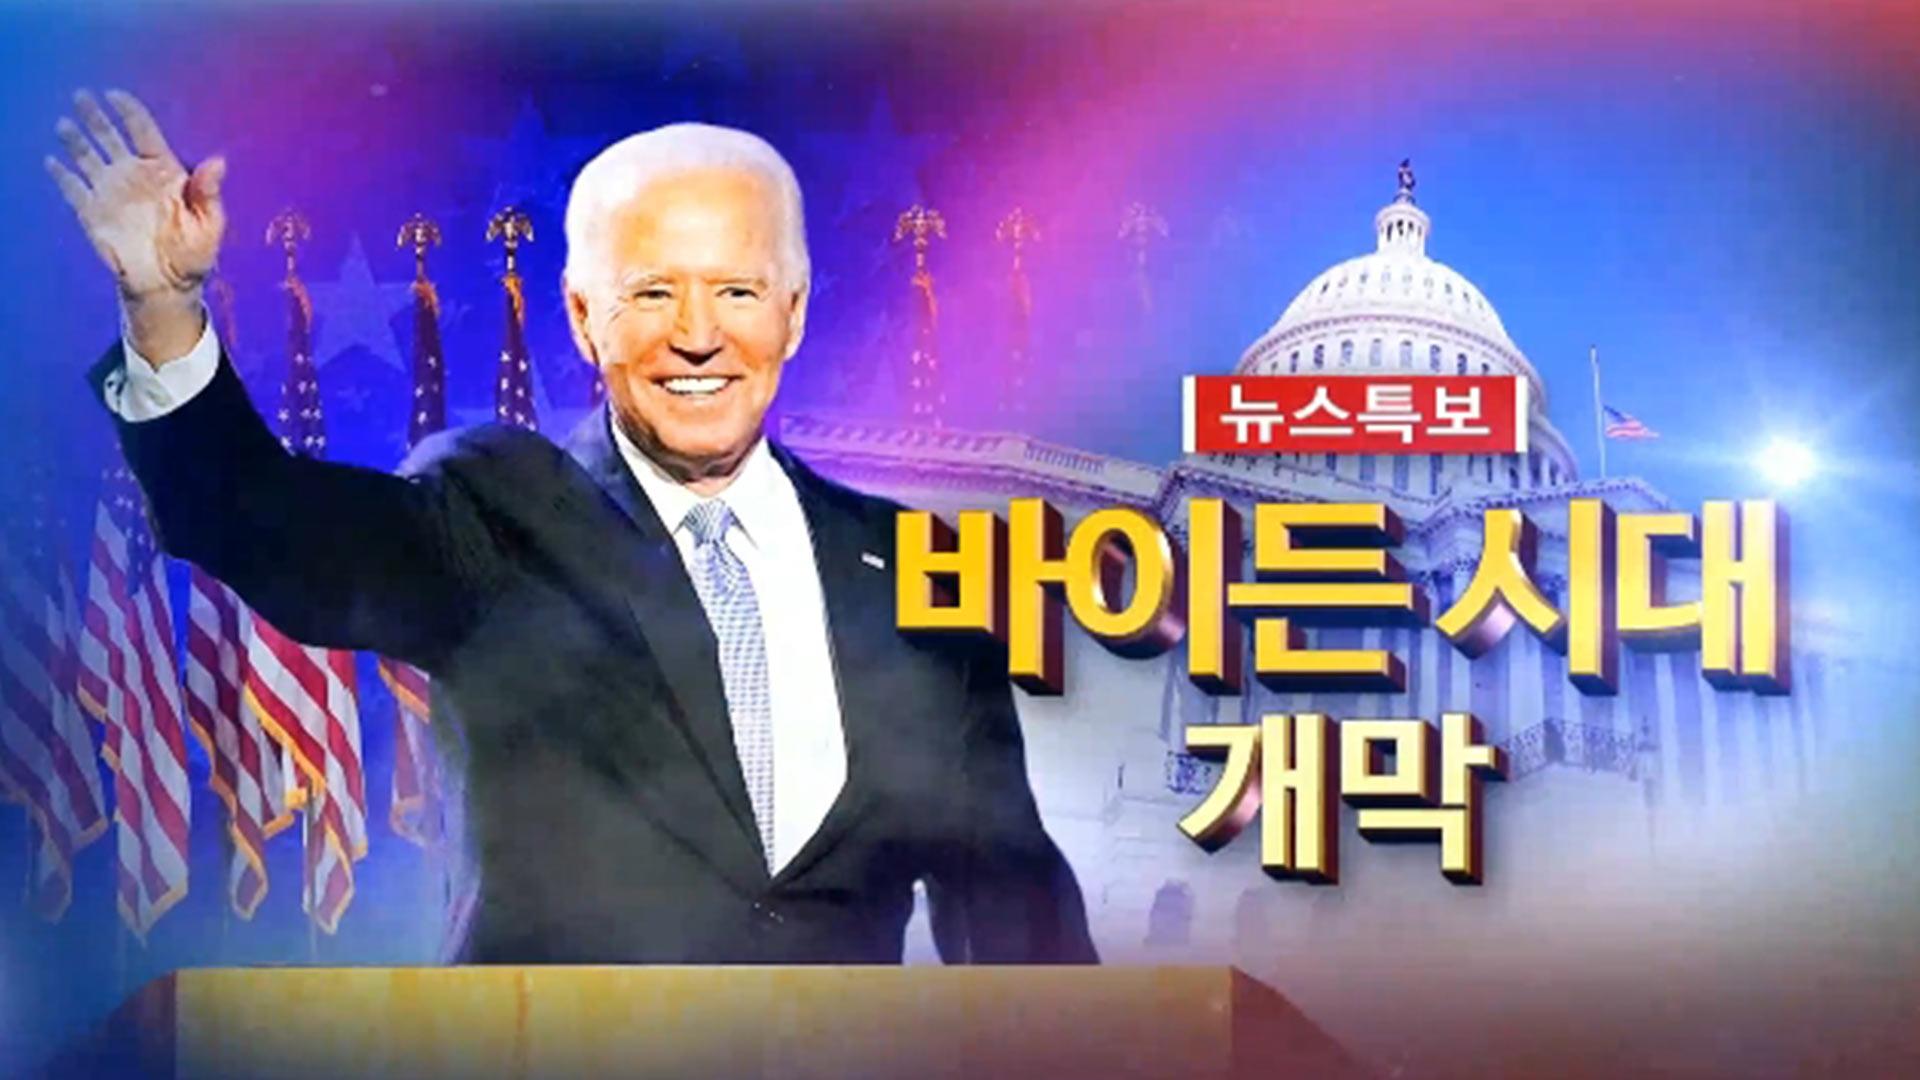 뉴스특보 - 바이든 시대 개막